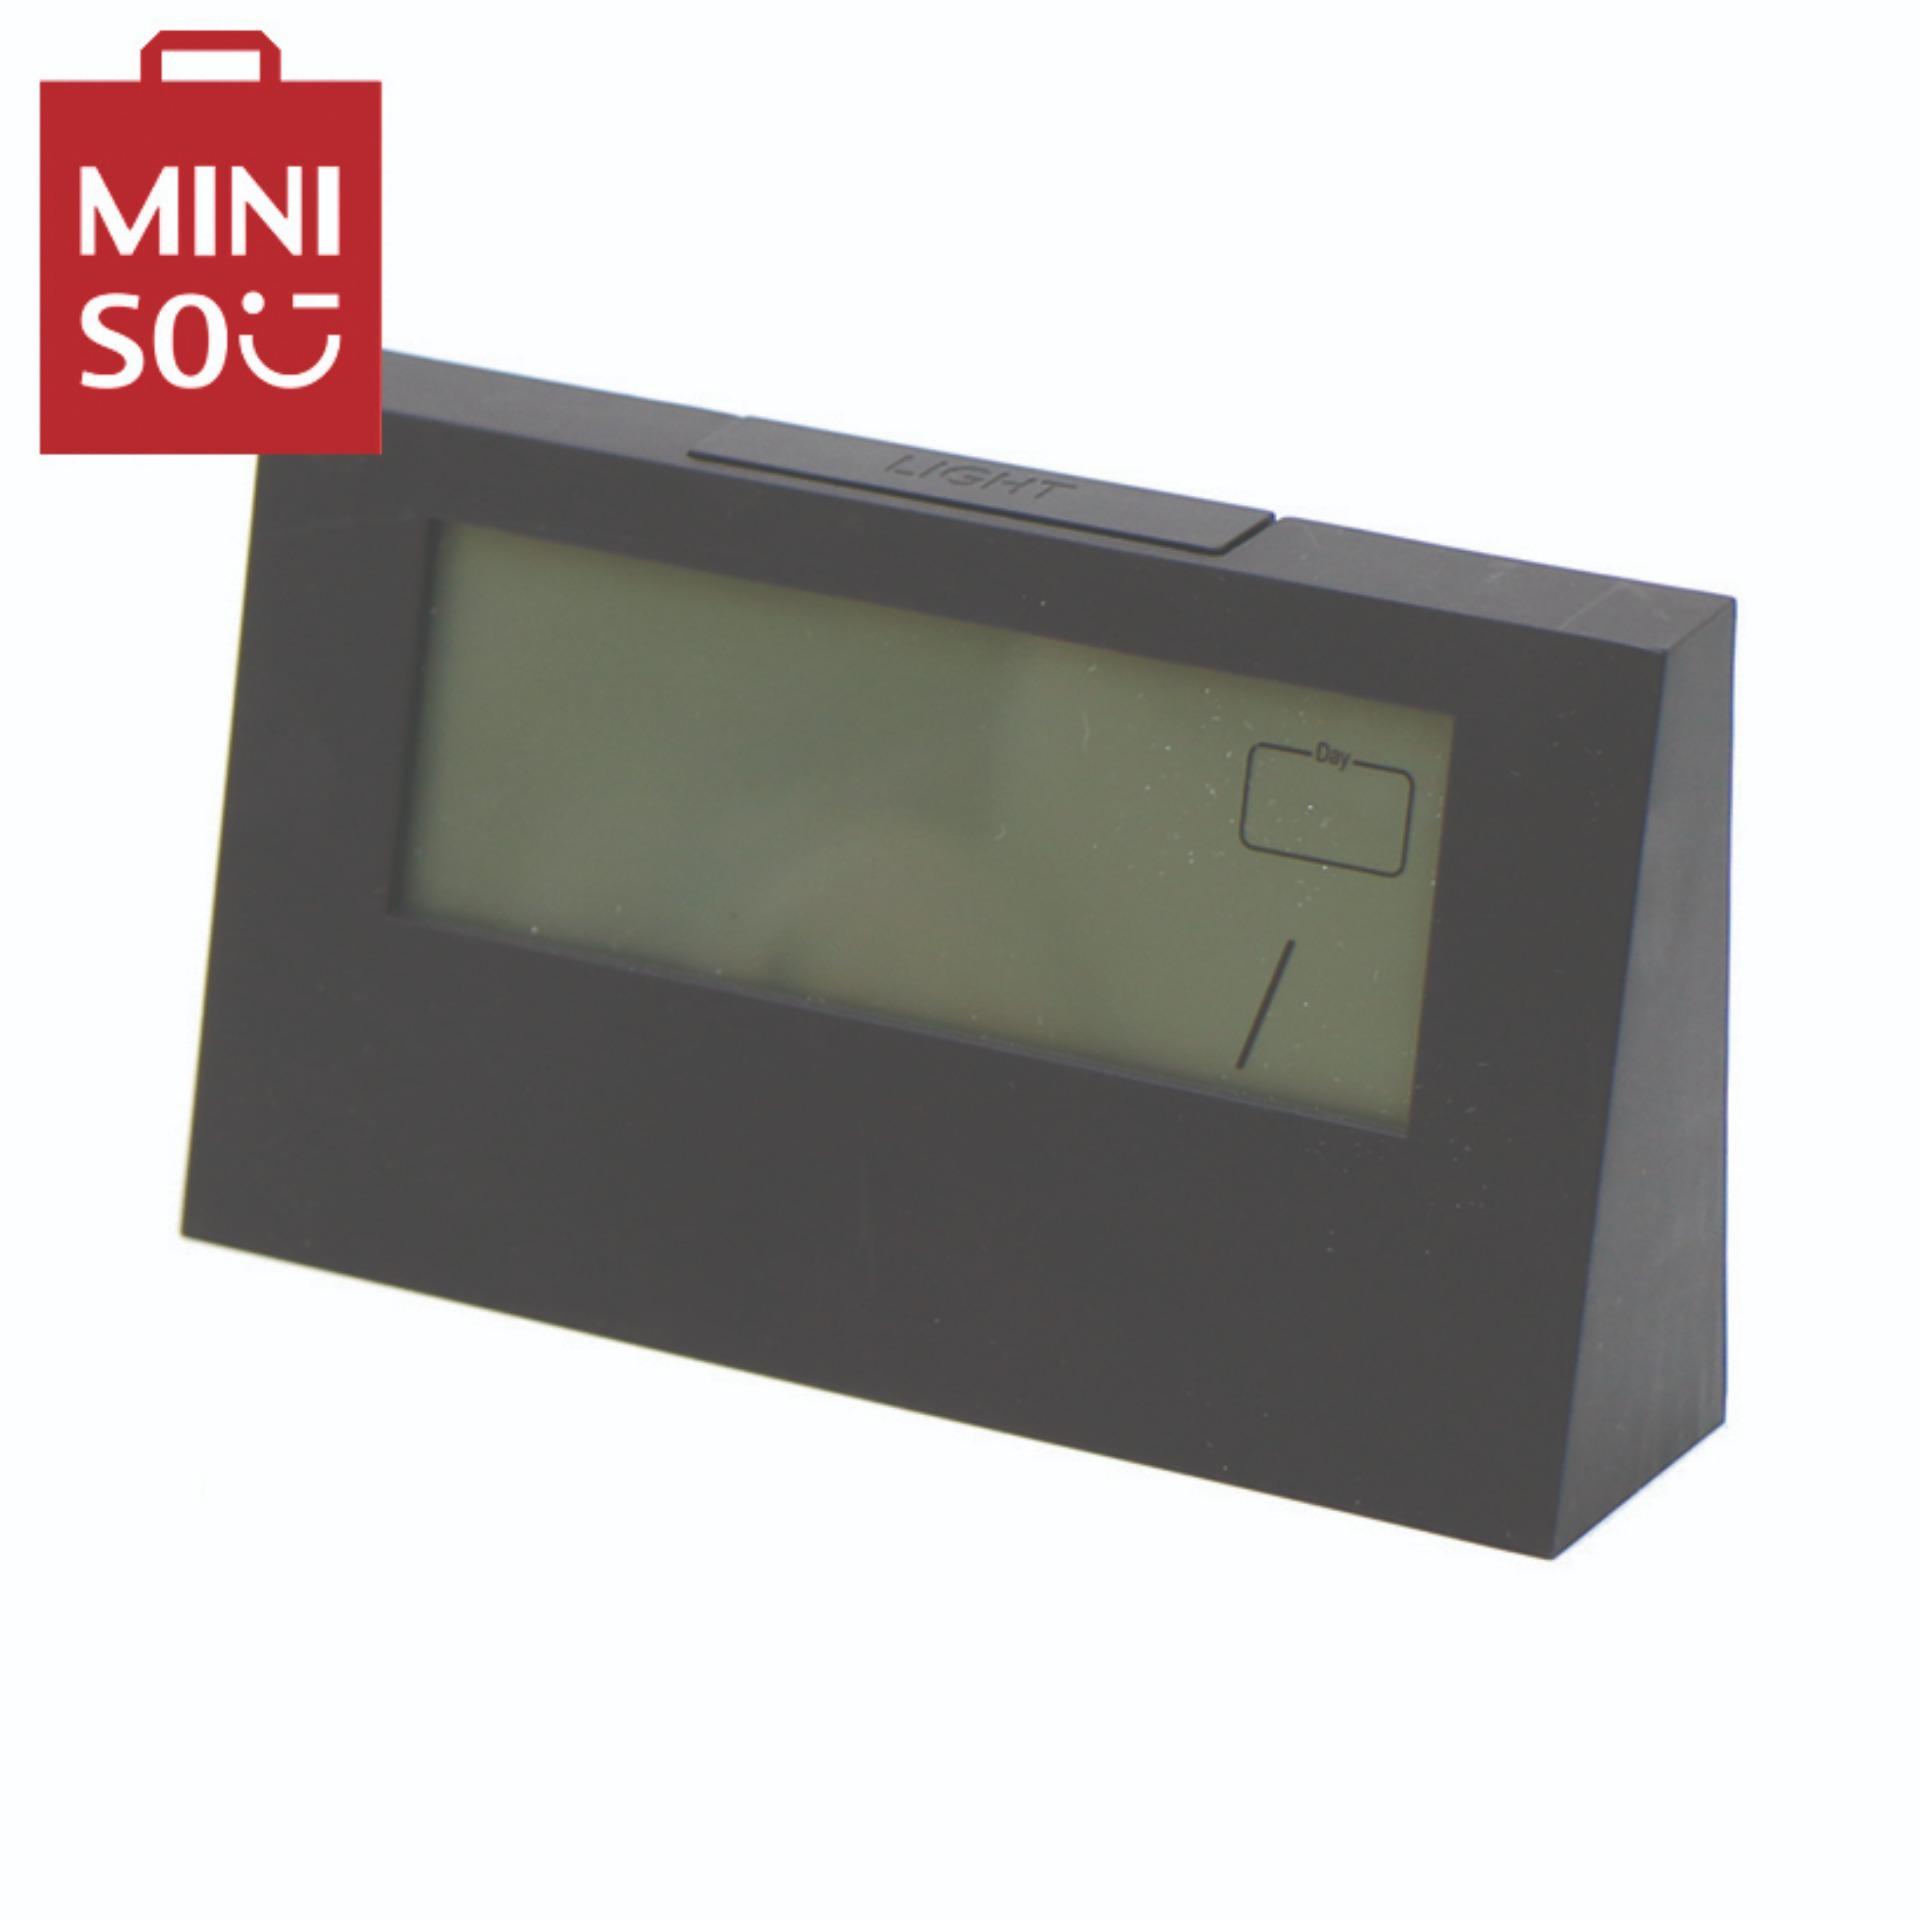 Đồng hồ báo thức Miniso bán chạy